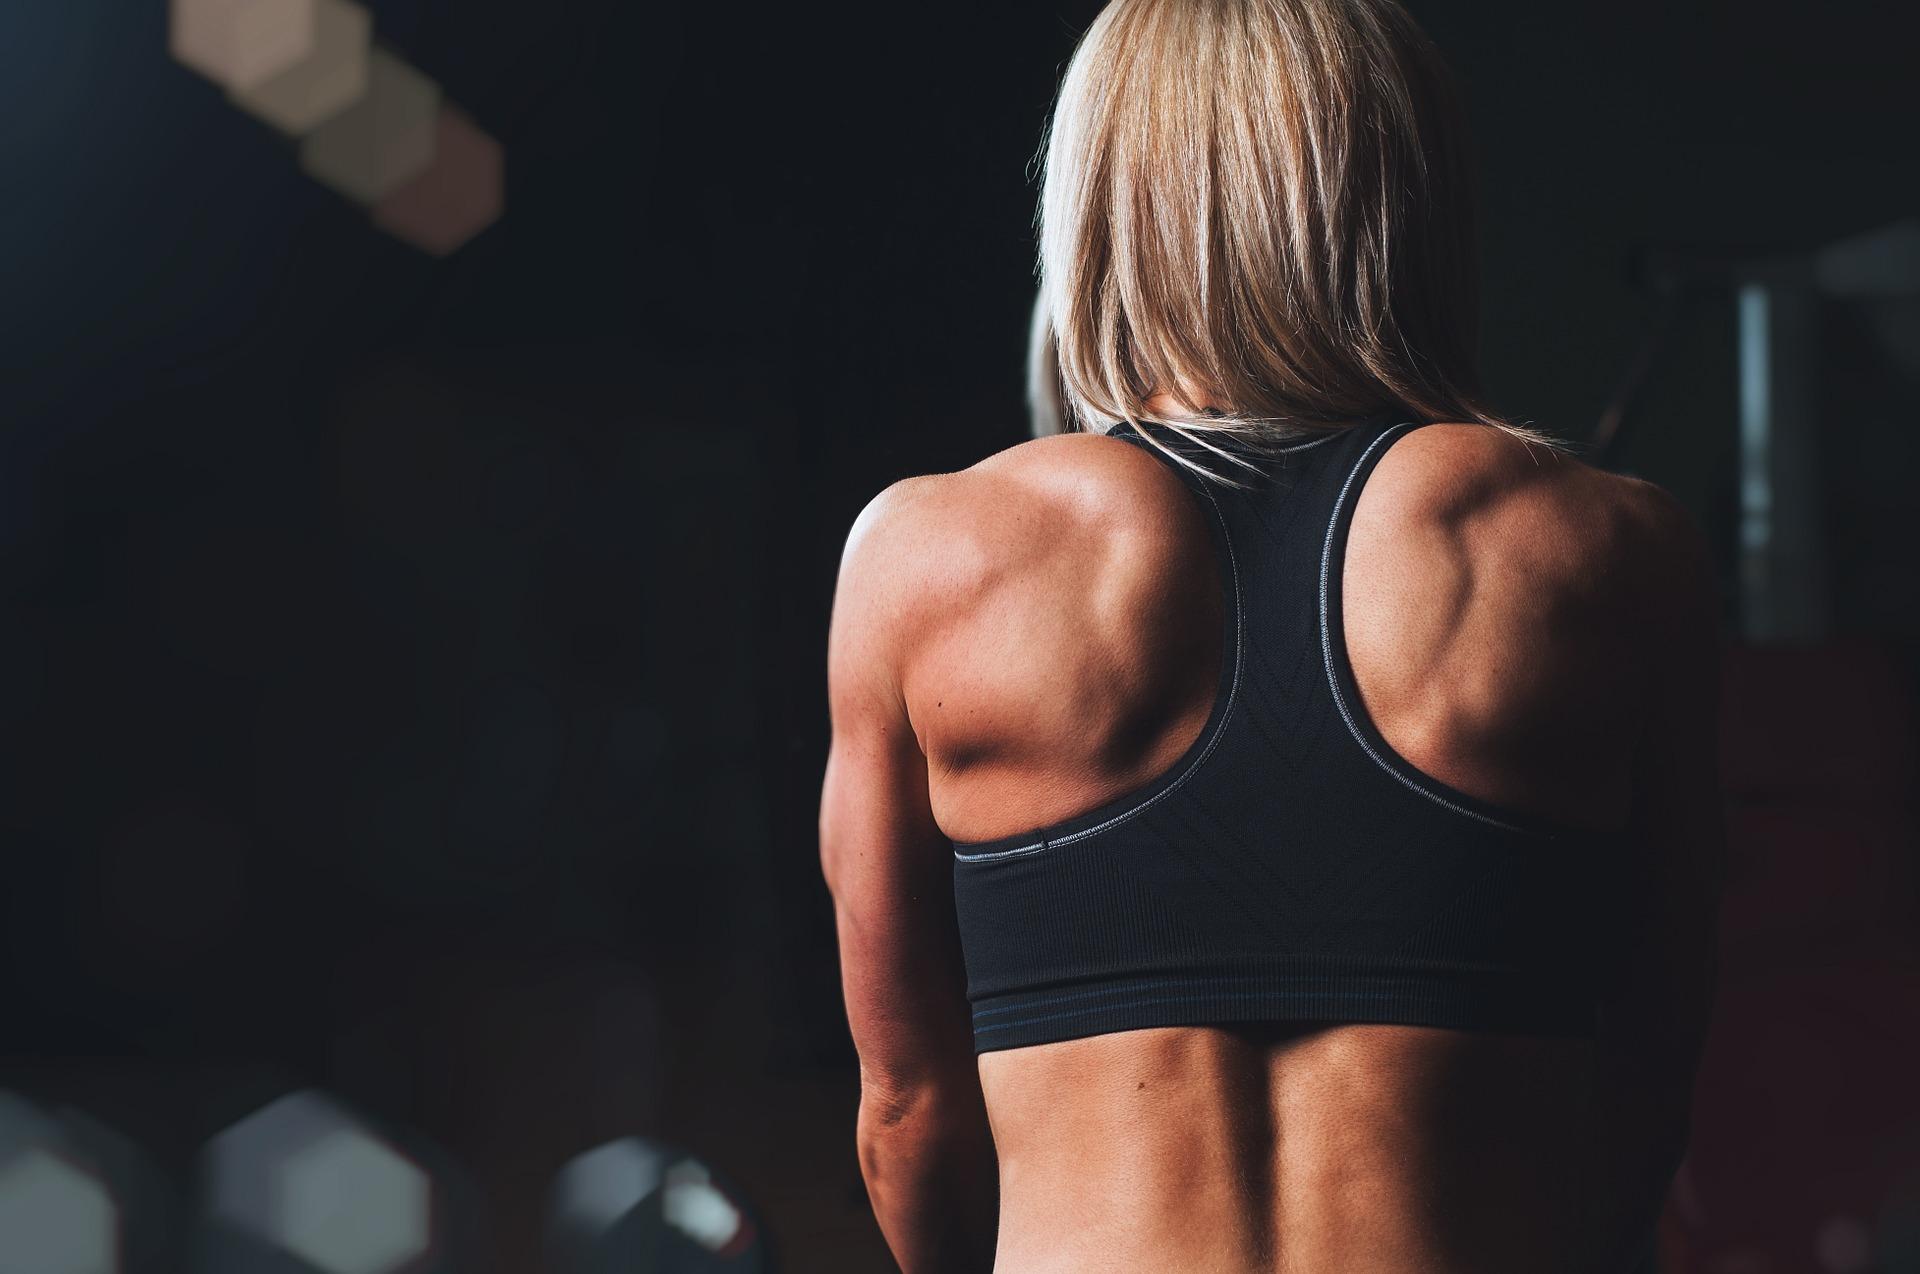 training-pixabay.pl